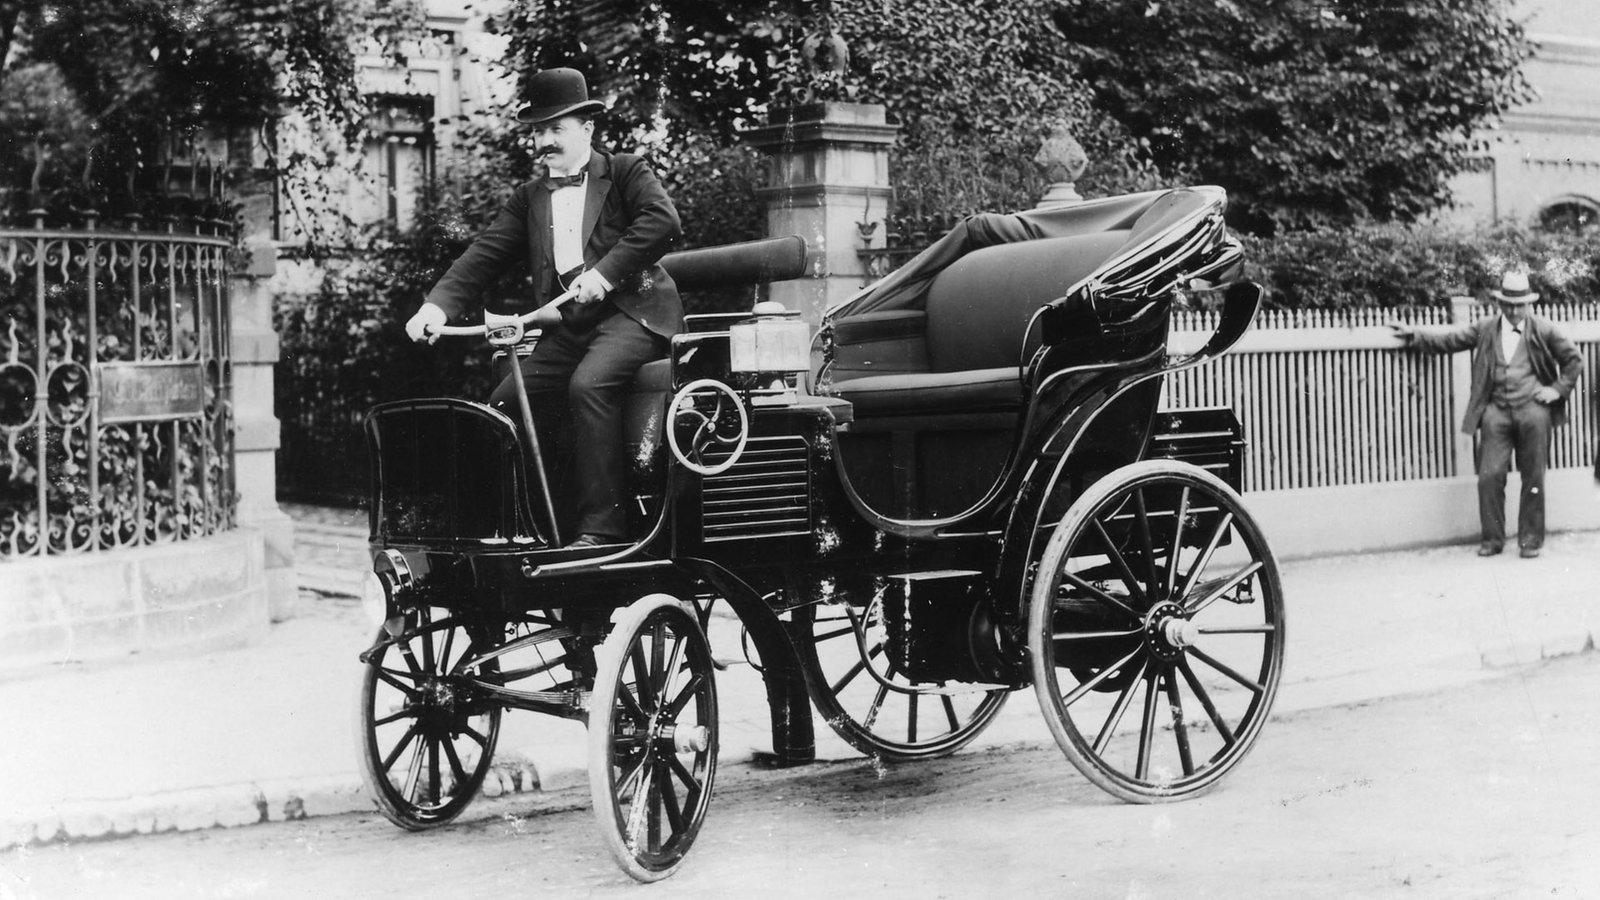 28 Januar 1896 Erste Verurteilung Wegen Zu Schnellen Autofahrens Stichtag Stichtag Wdr